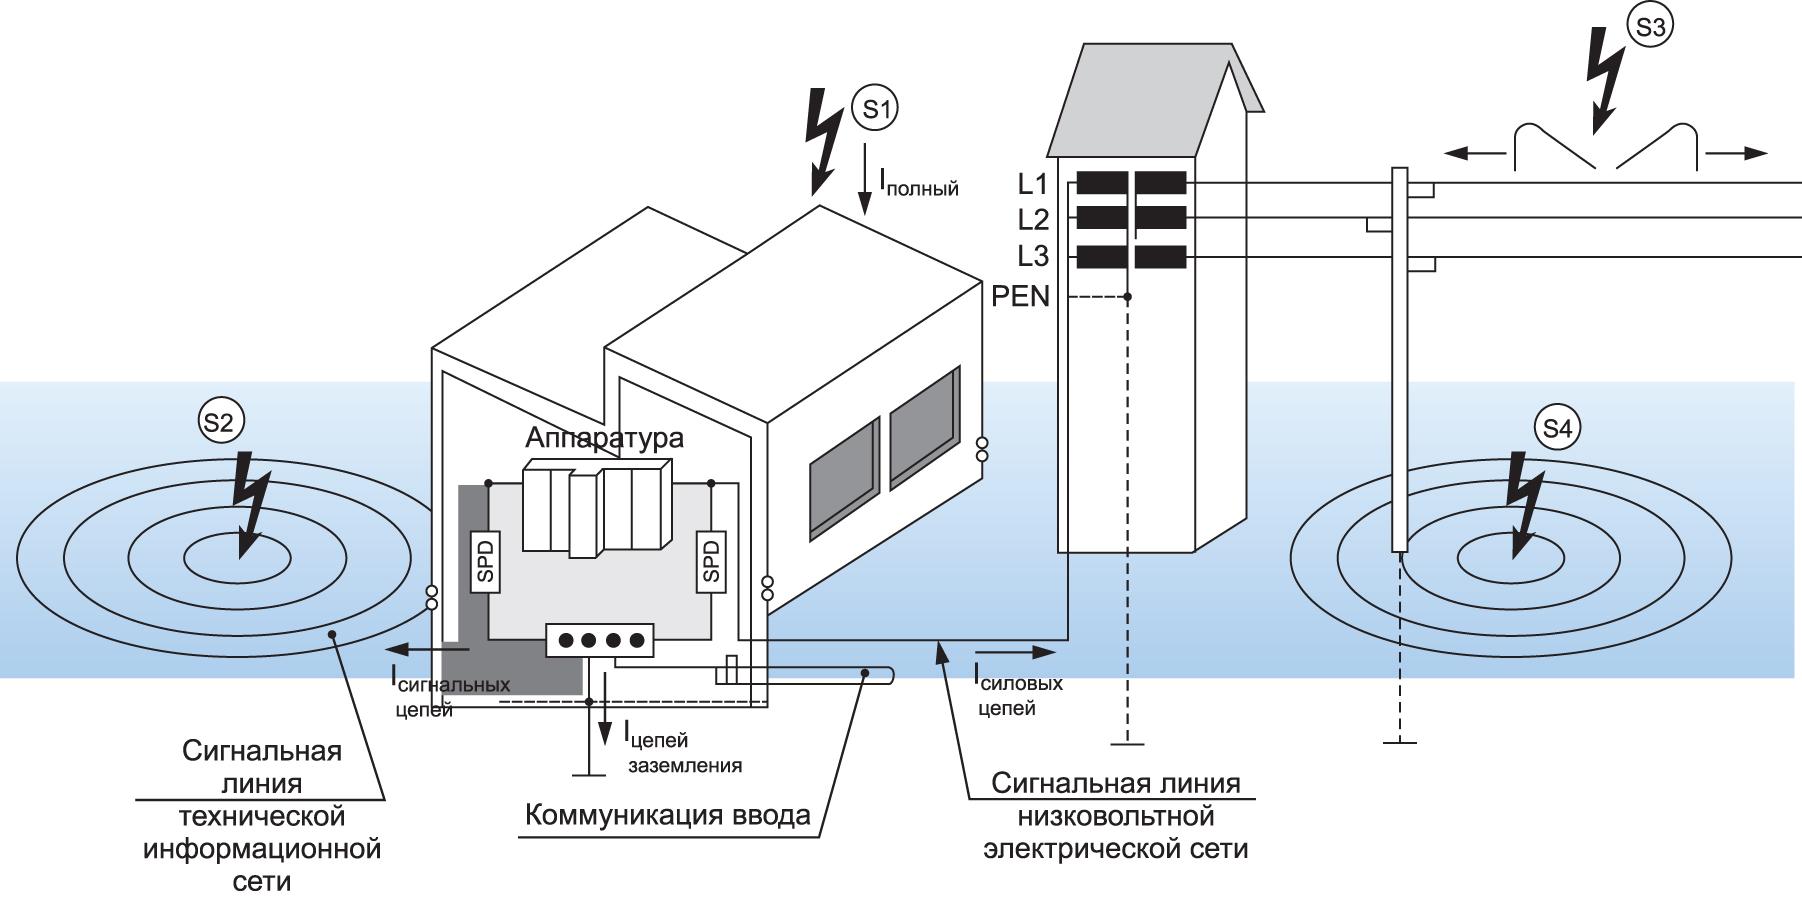 Характерный пример различных причин повреждения здания и распределения тока молнии внутри системы по ГОСТ Р МЭК 6230542016 (IEC 623054:2010)